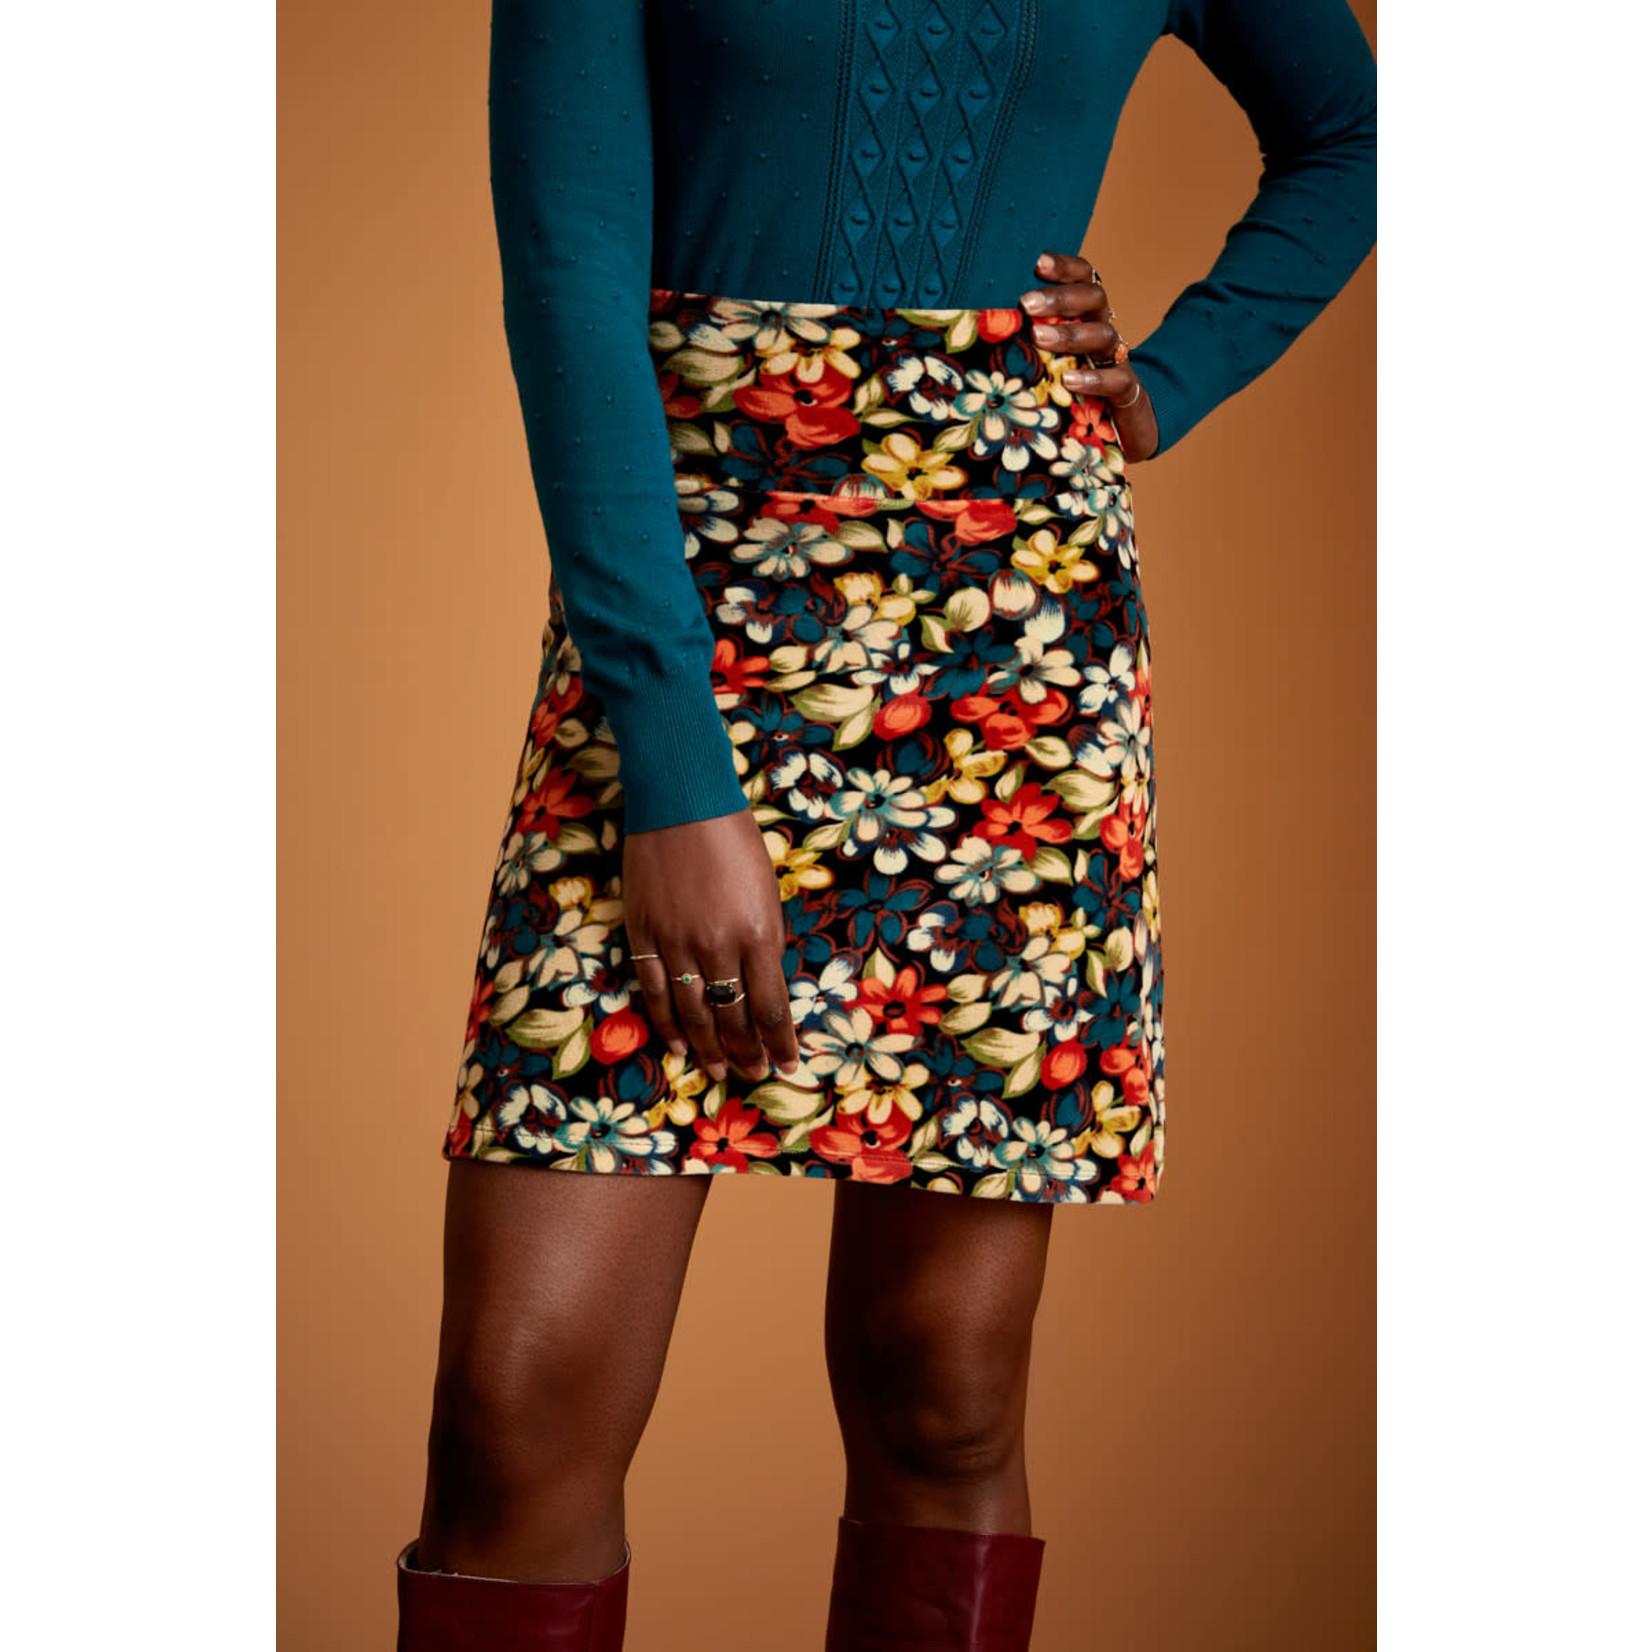 King Louie King Louie Border Skirt Lovell Black 06757